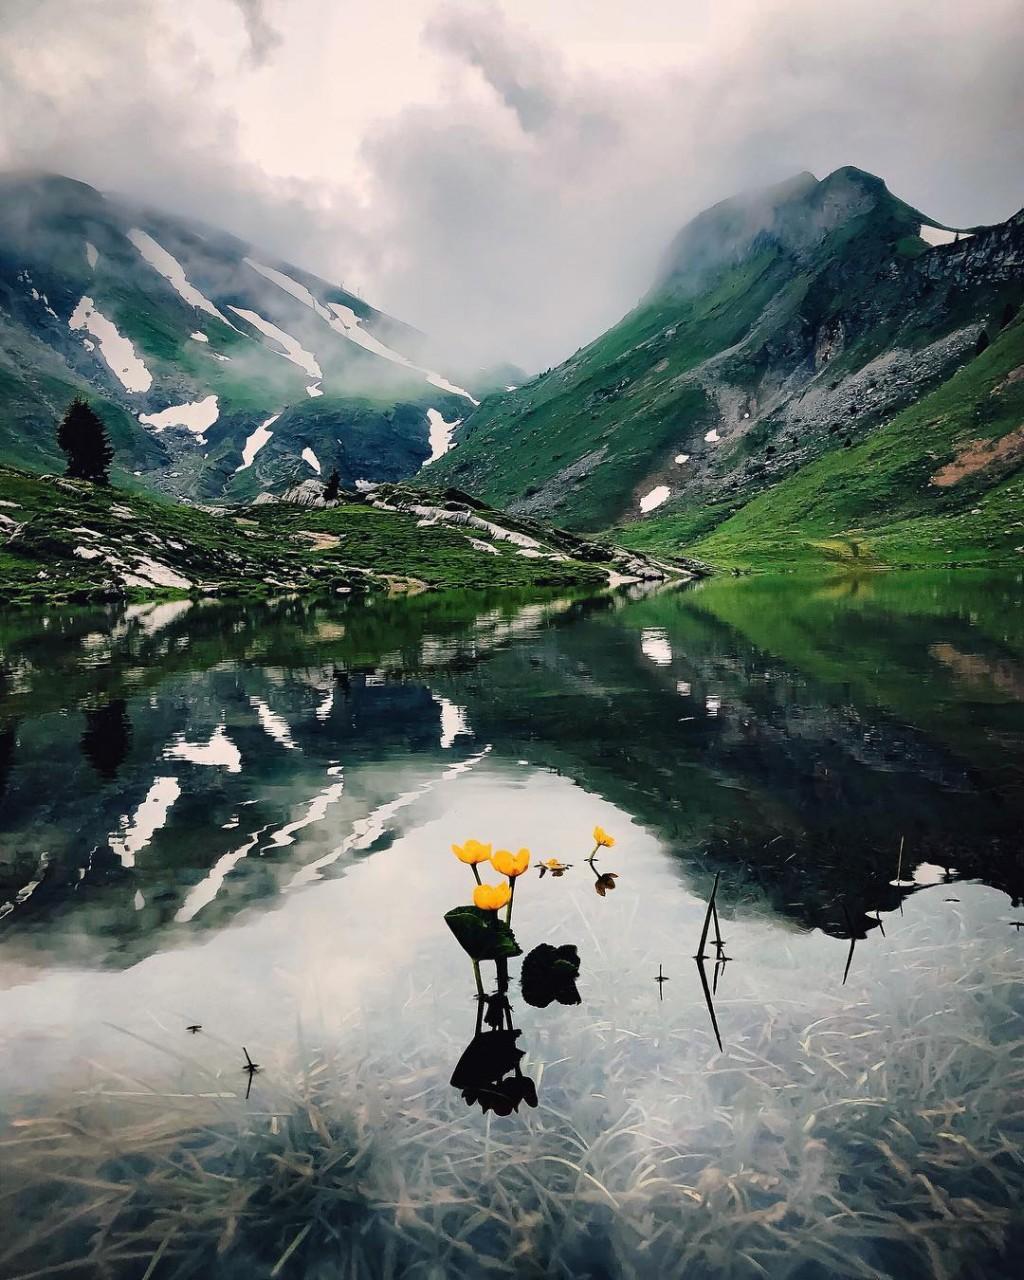 Замечательные приключенческие и пейзажные снимки Даниэля Шифферли